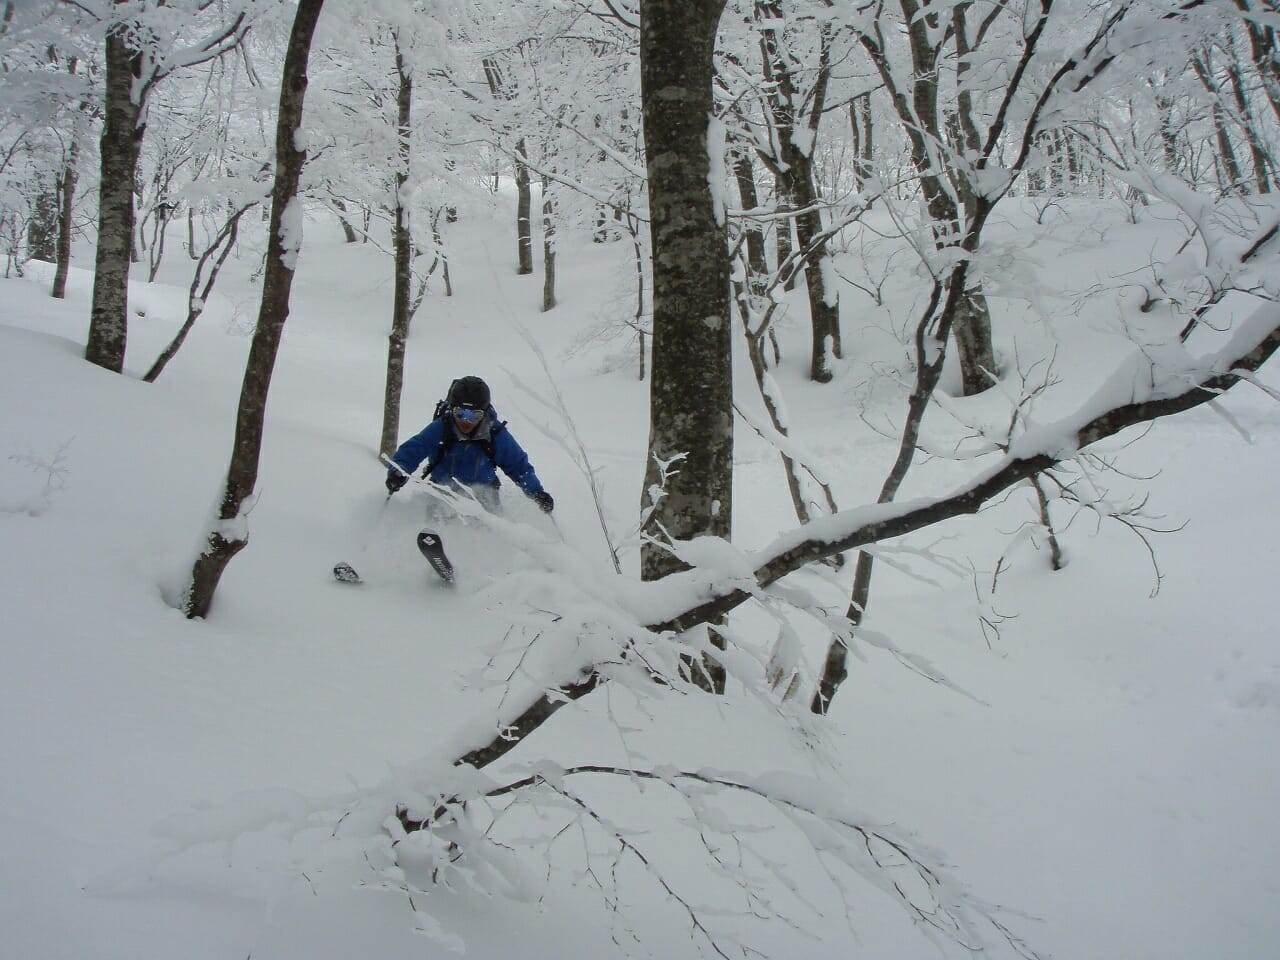 関西おすすめスキー場 ツリーランコース